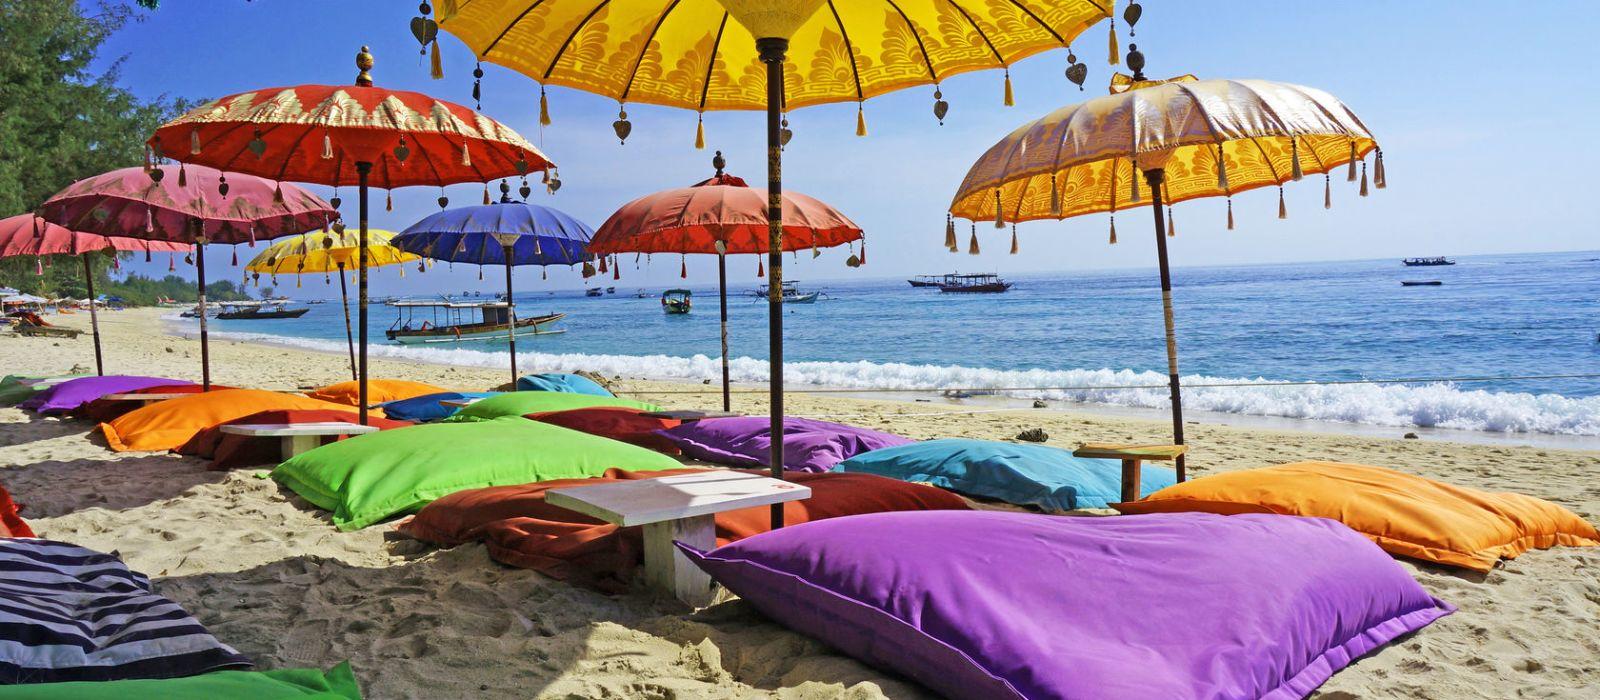 Indonesia: Von Insel zu Insel und Bali Urlaub 5